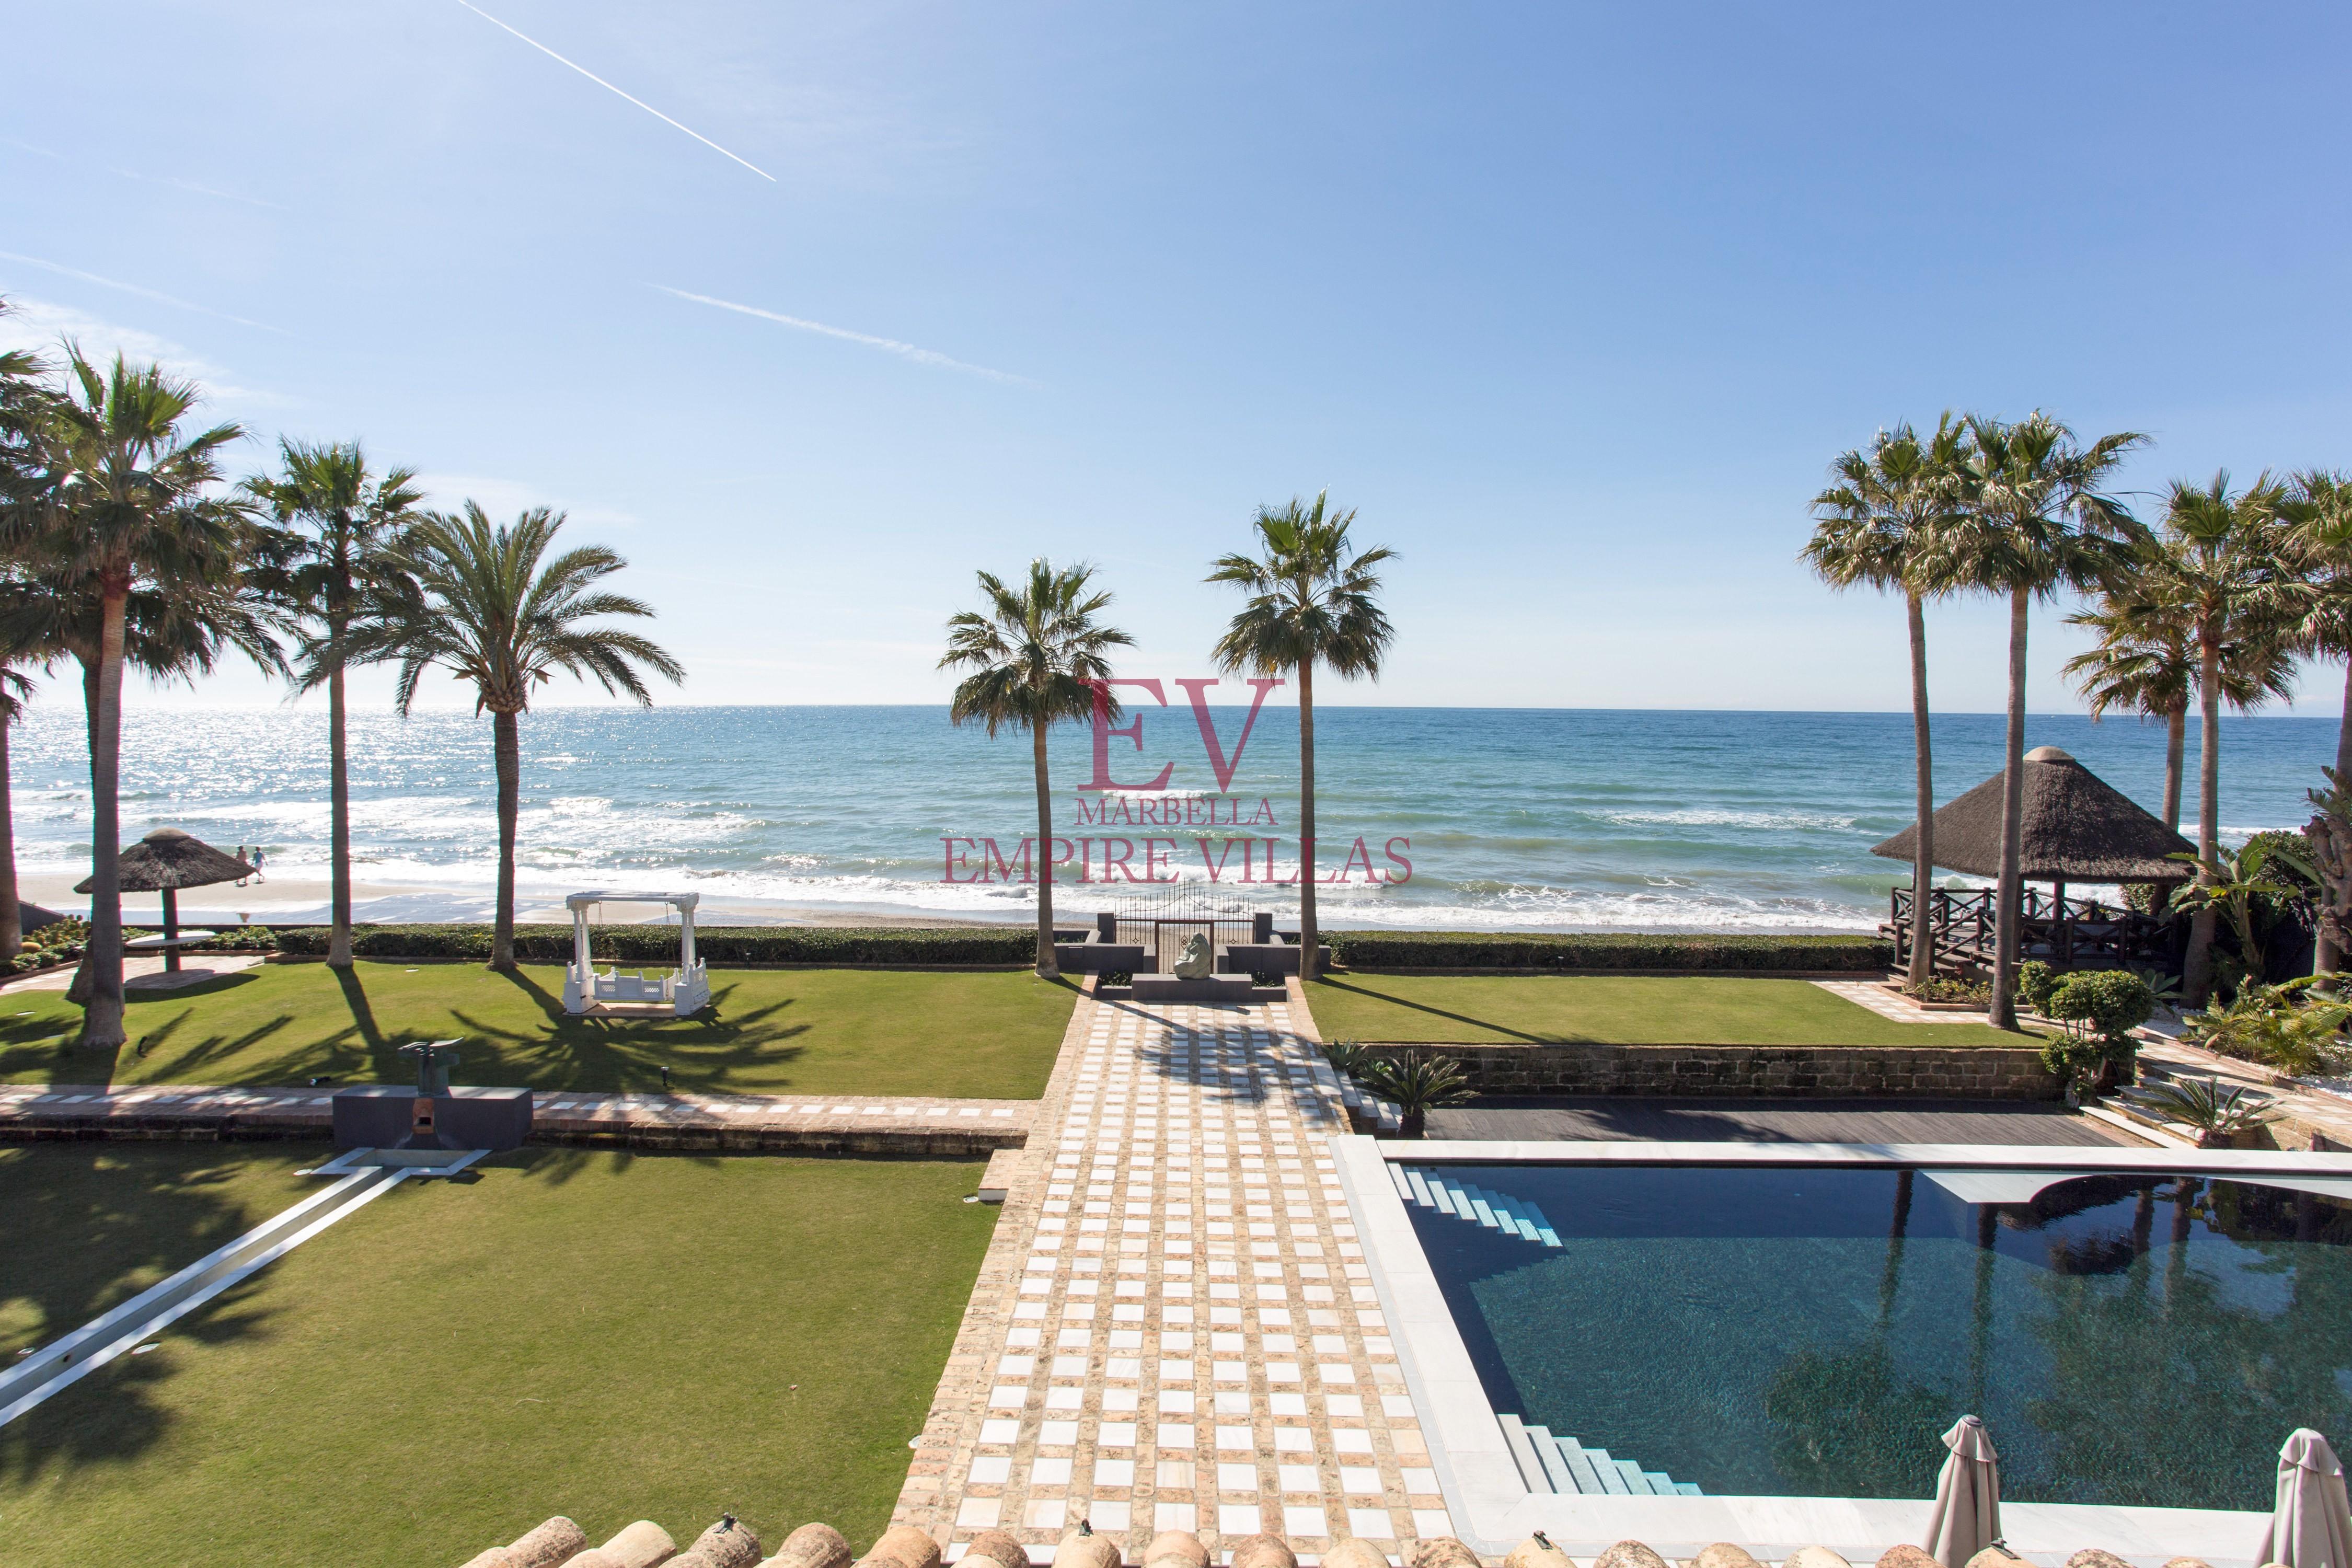 Rent Frontline Beach Villa Los Monterosempire Villas Marbella